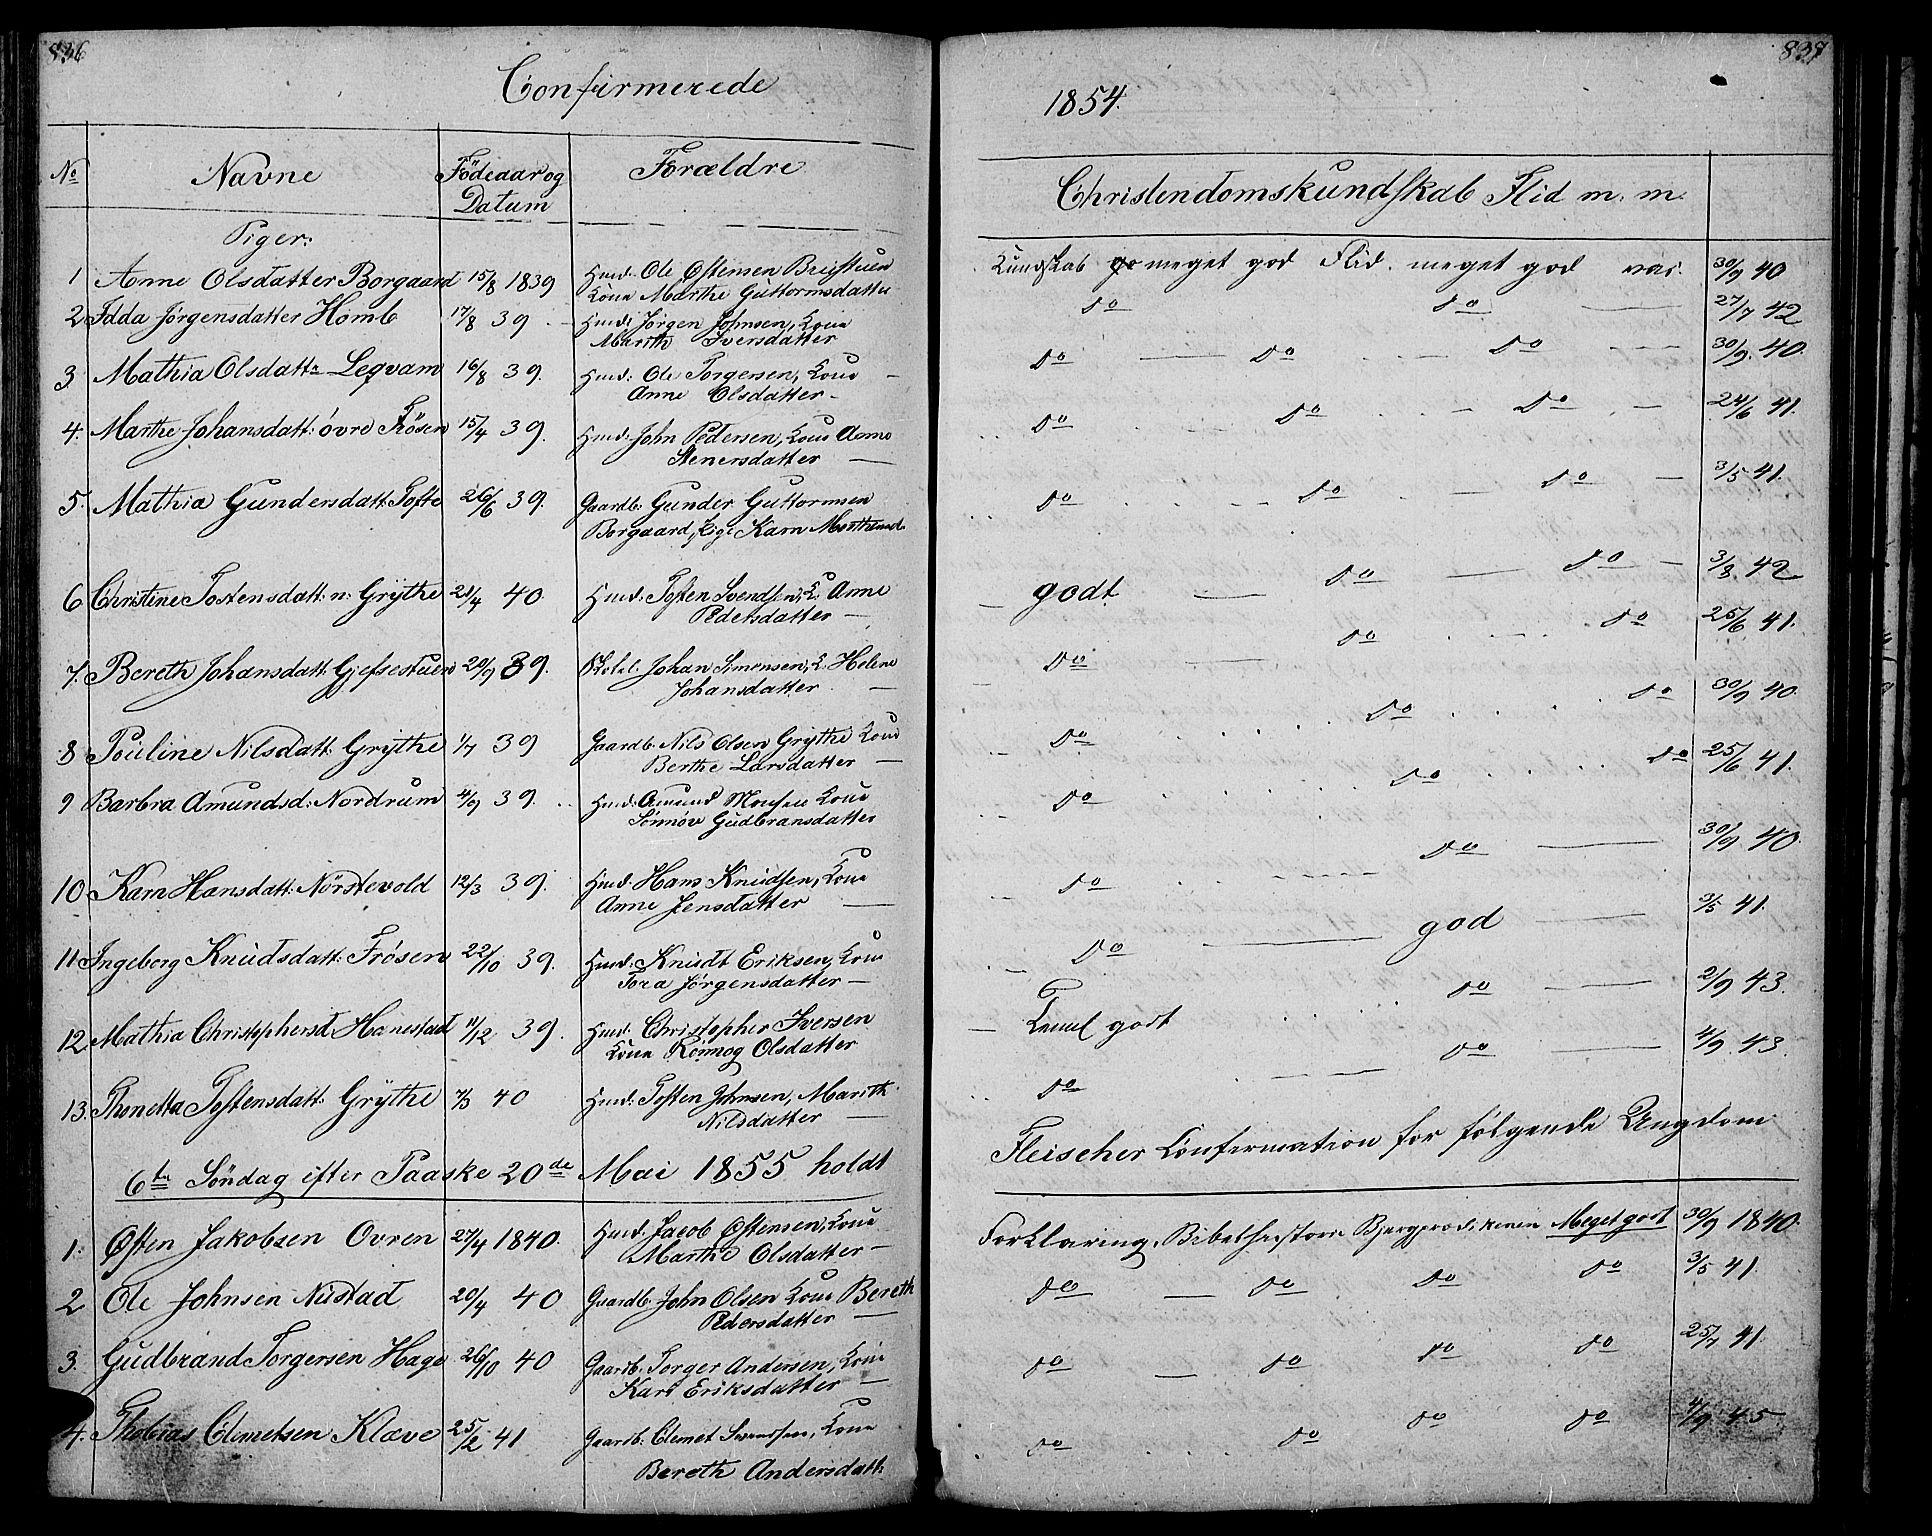 SAH, Gausdal prestekontor, Klokkerbok nr. 4, 1835-1870, s. 836-837